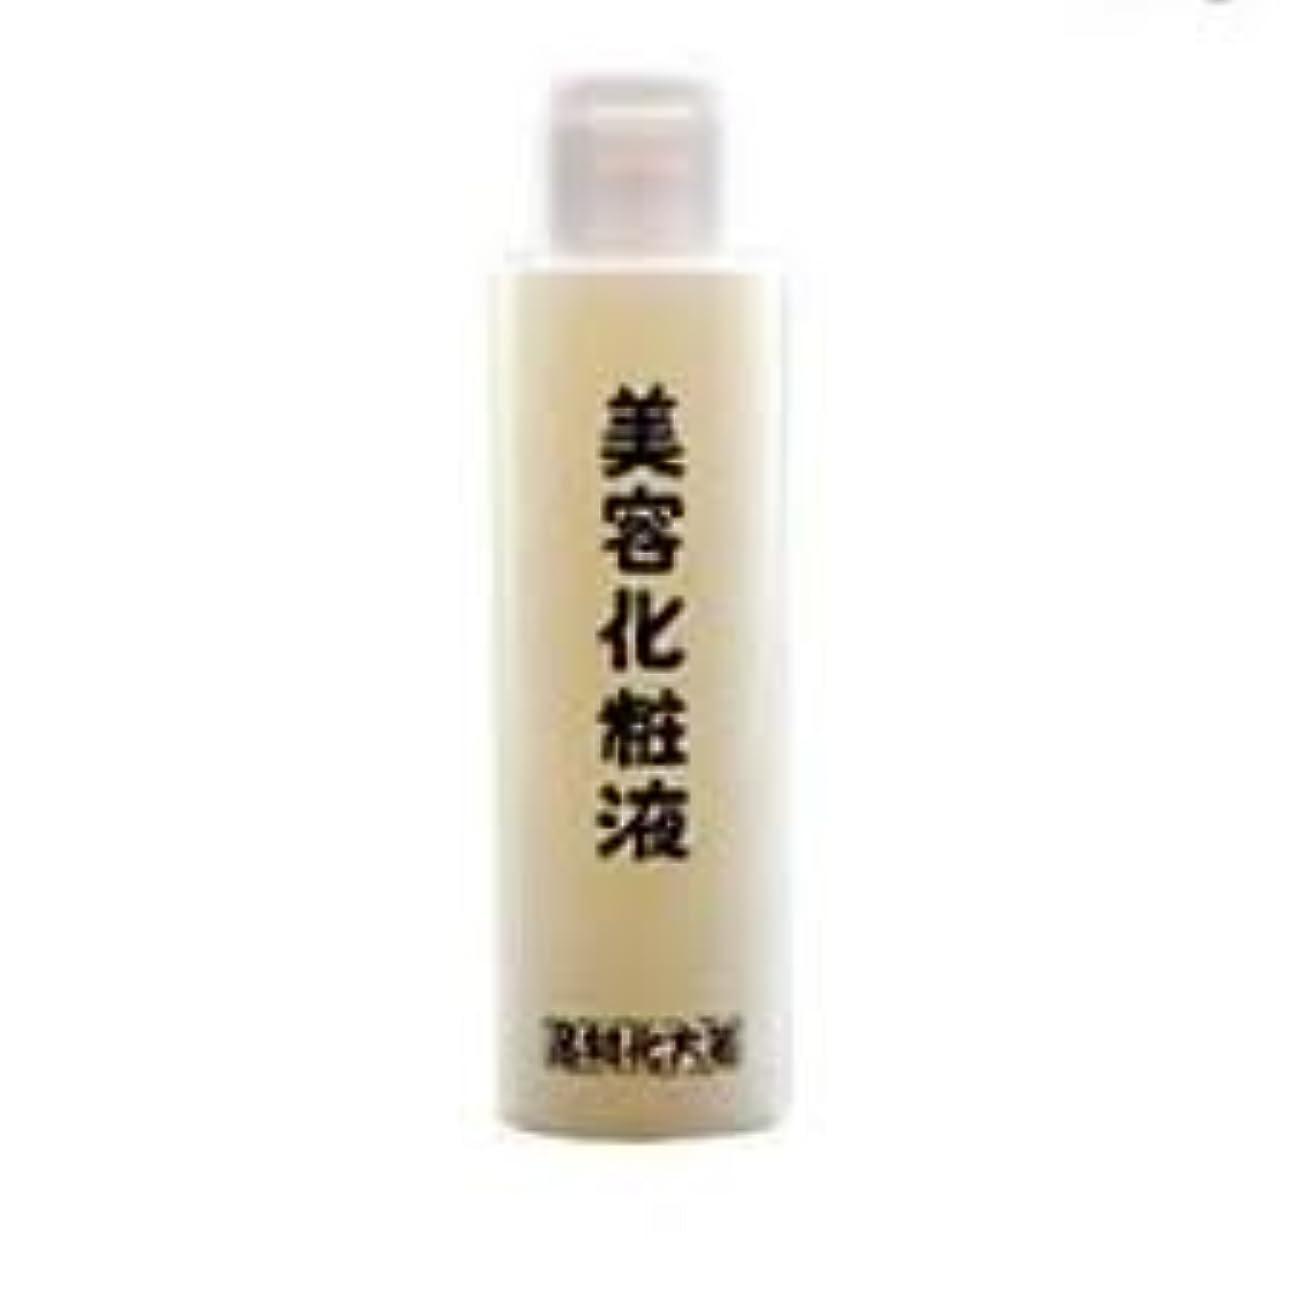 不合格素敵なバズ箸方化粧品 美容化粧液 化粧水 120ml はしかた化粧品